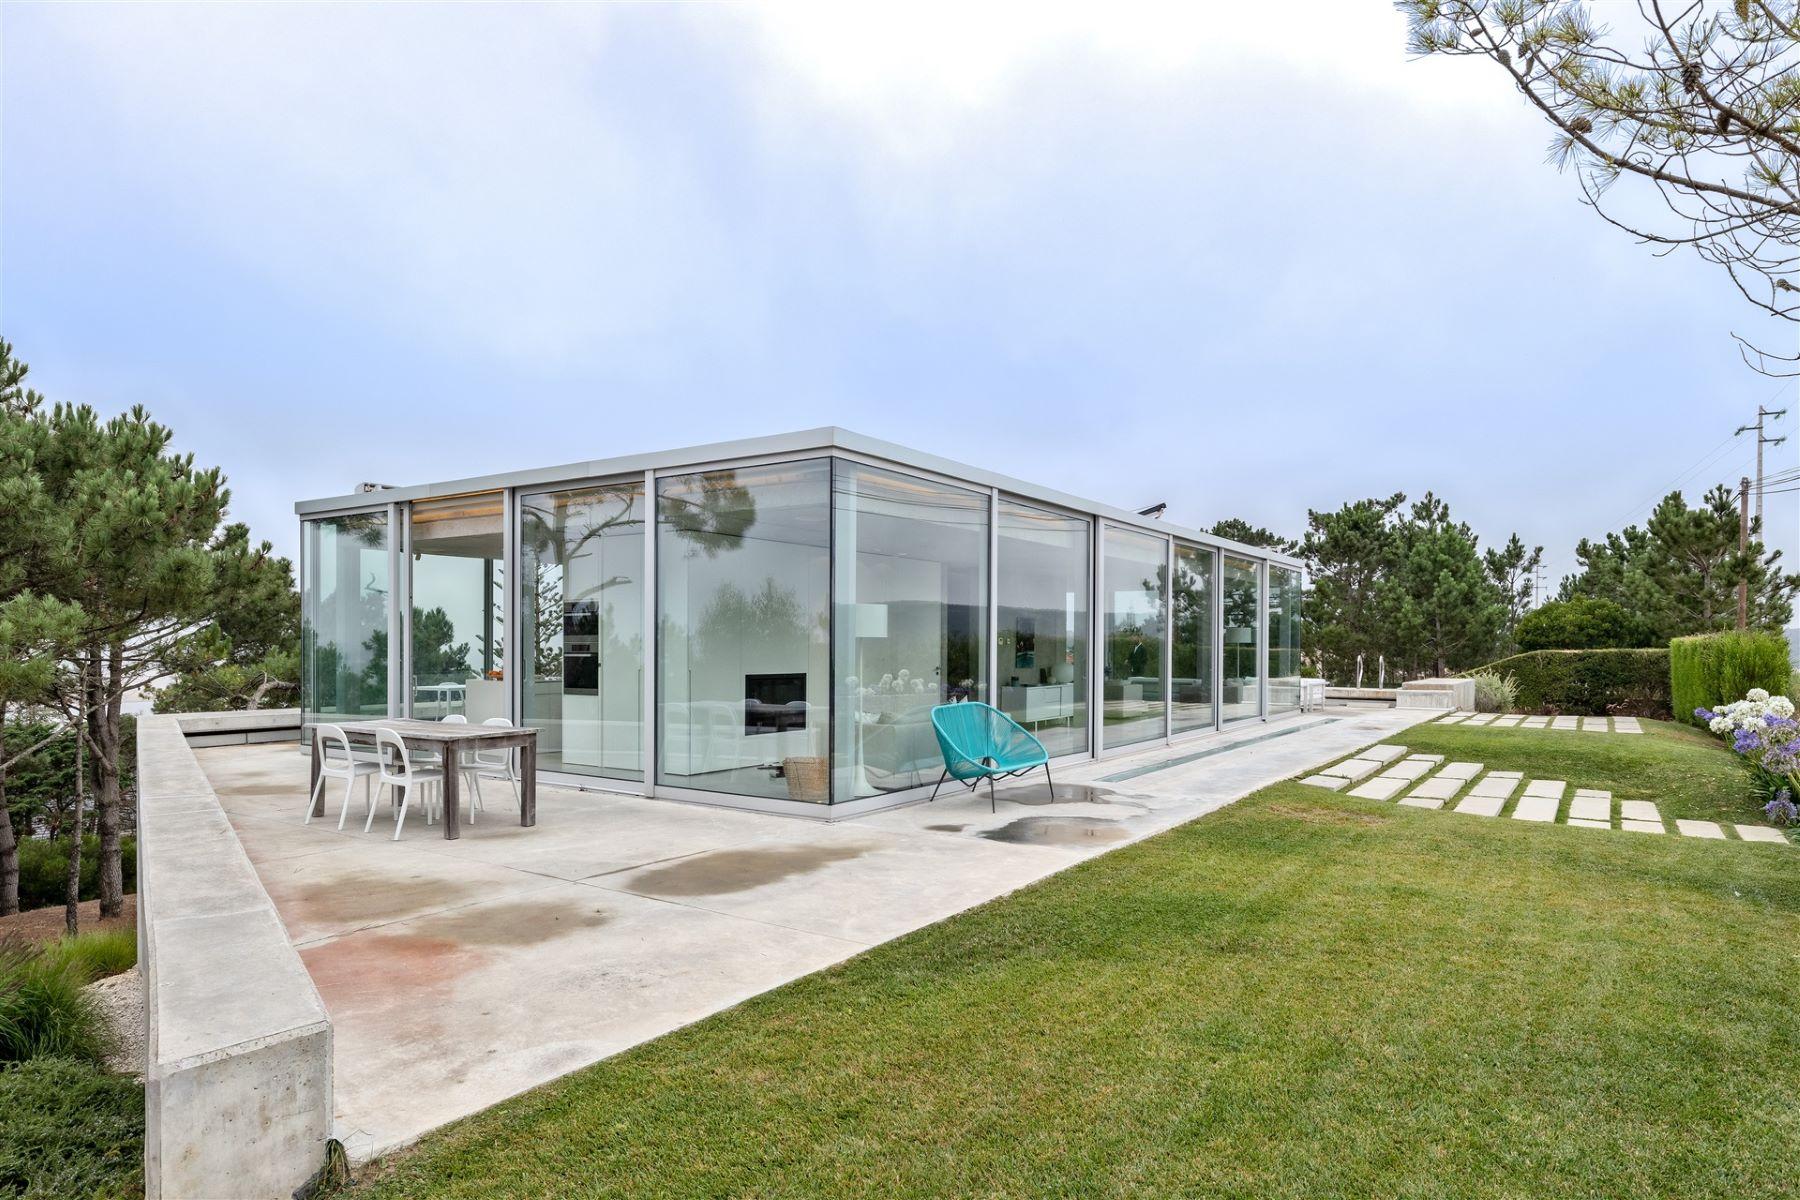 Single Family Homes for Sale at Detached house, 5 bedrooms, for Sale Caldas Da Rainha, Leiria Portugal